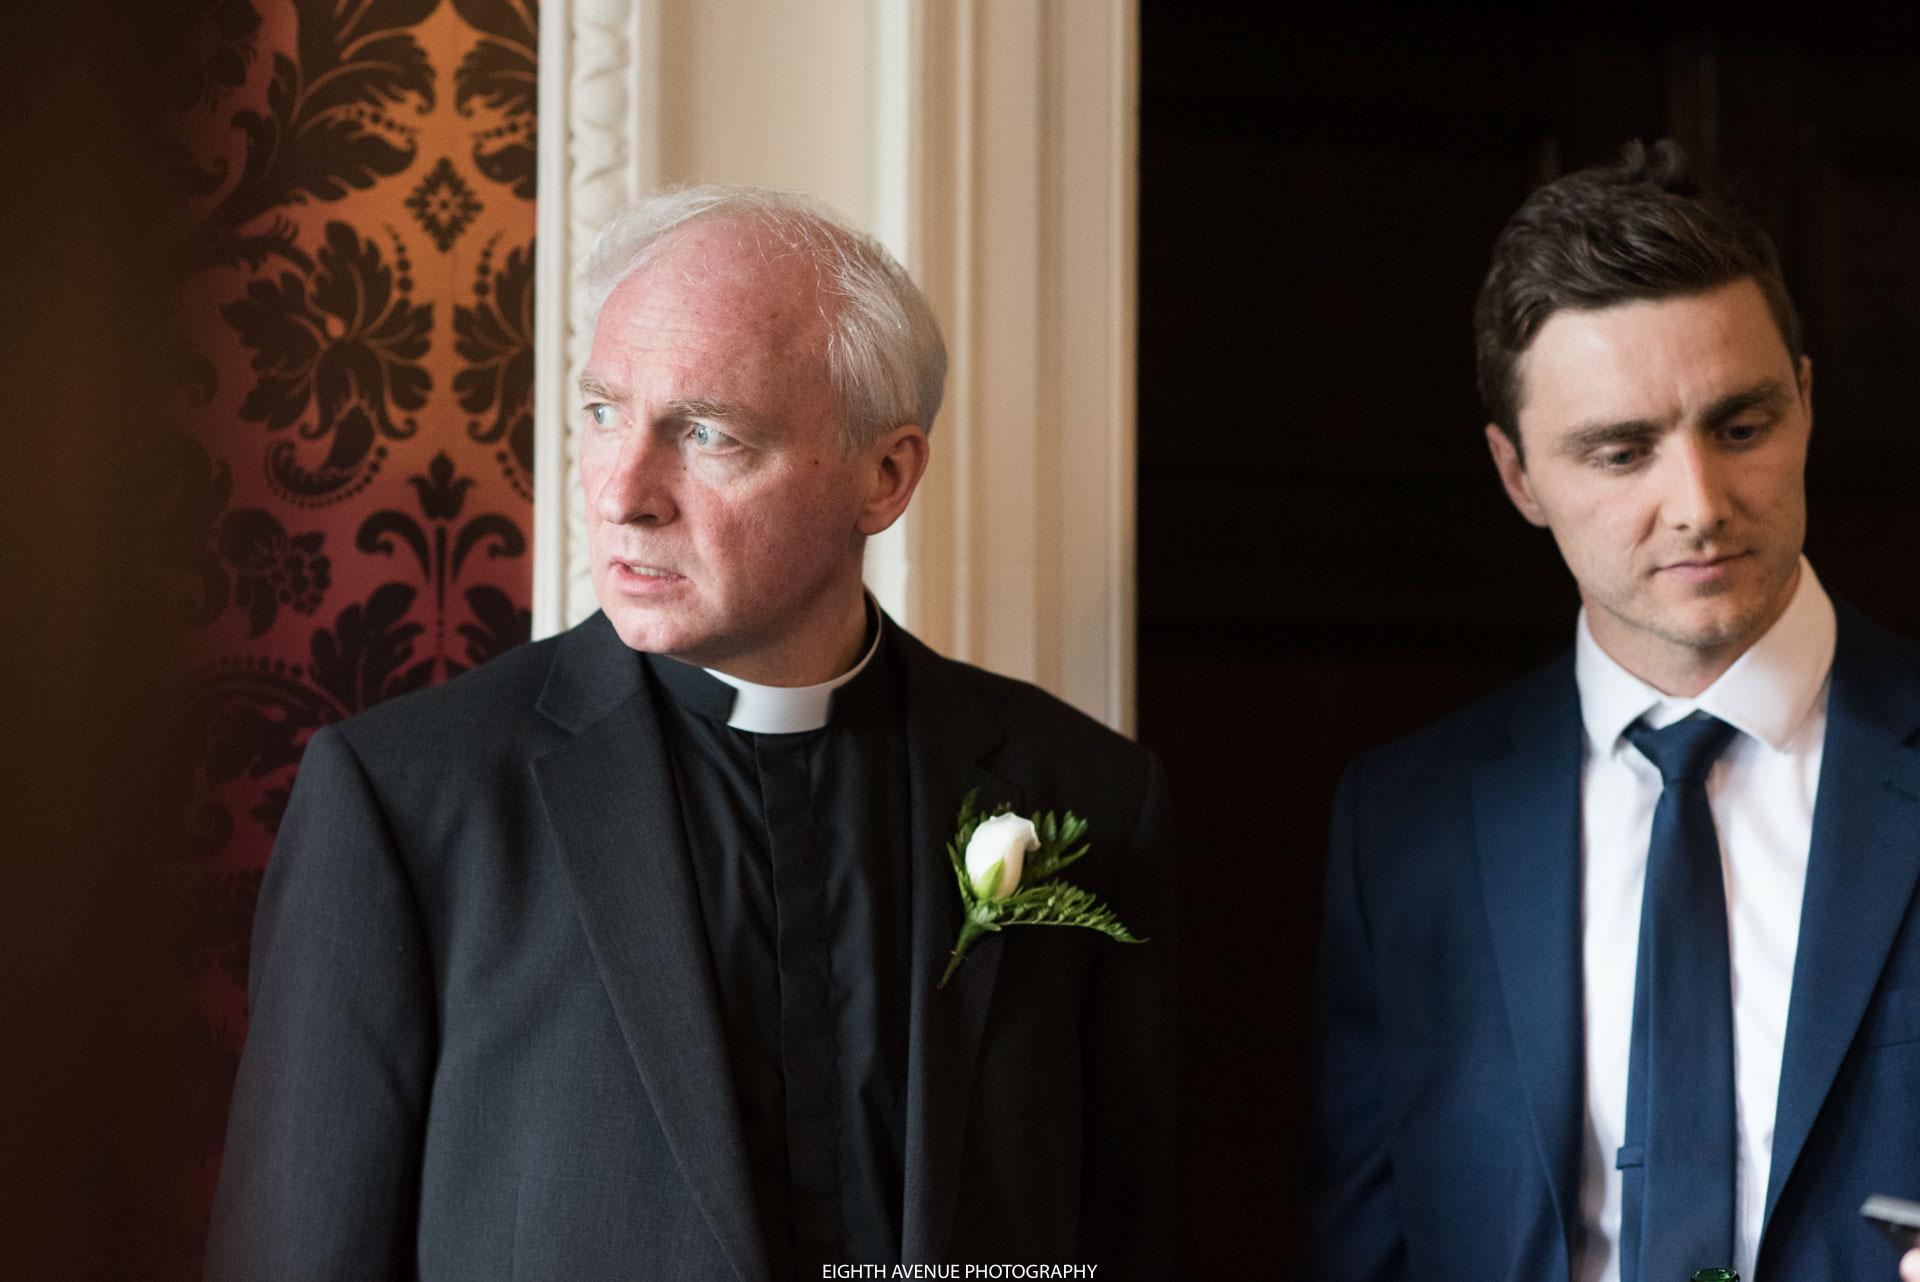 Vicar at wedding